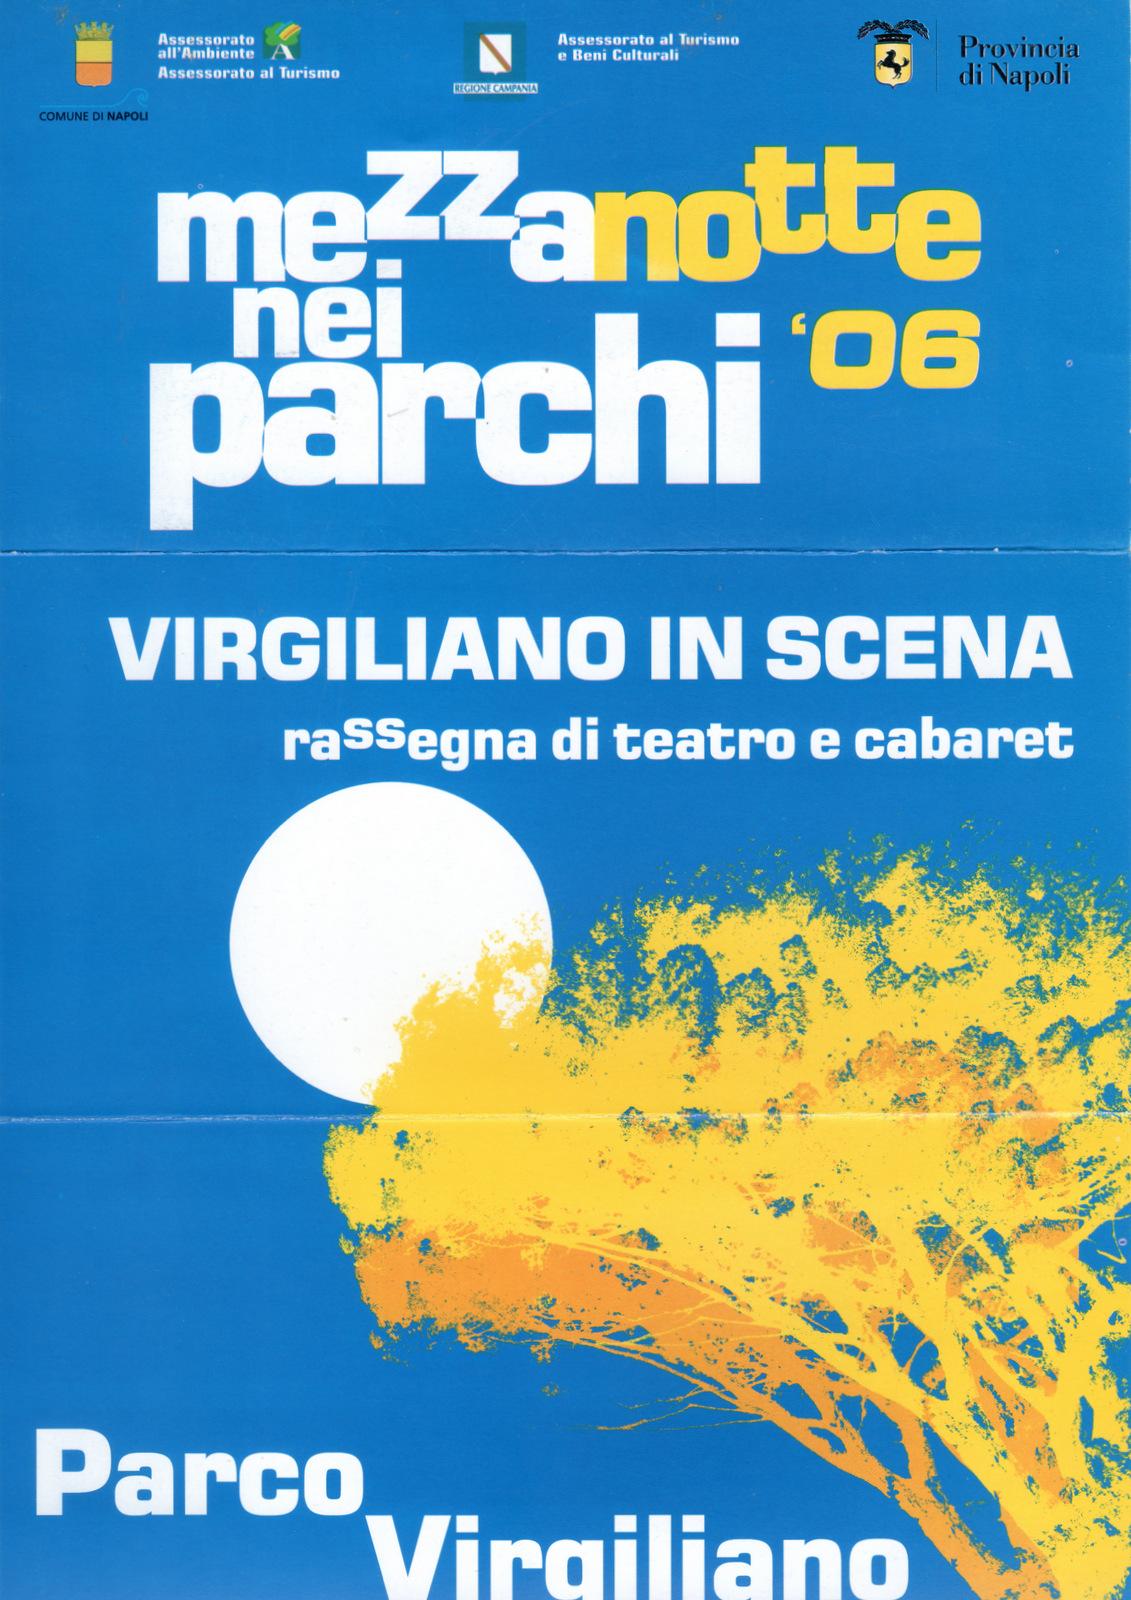 Virgiliano in scena 2006